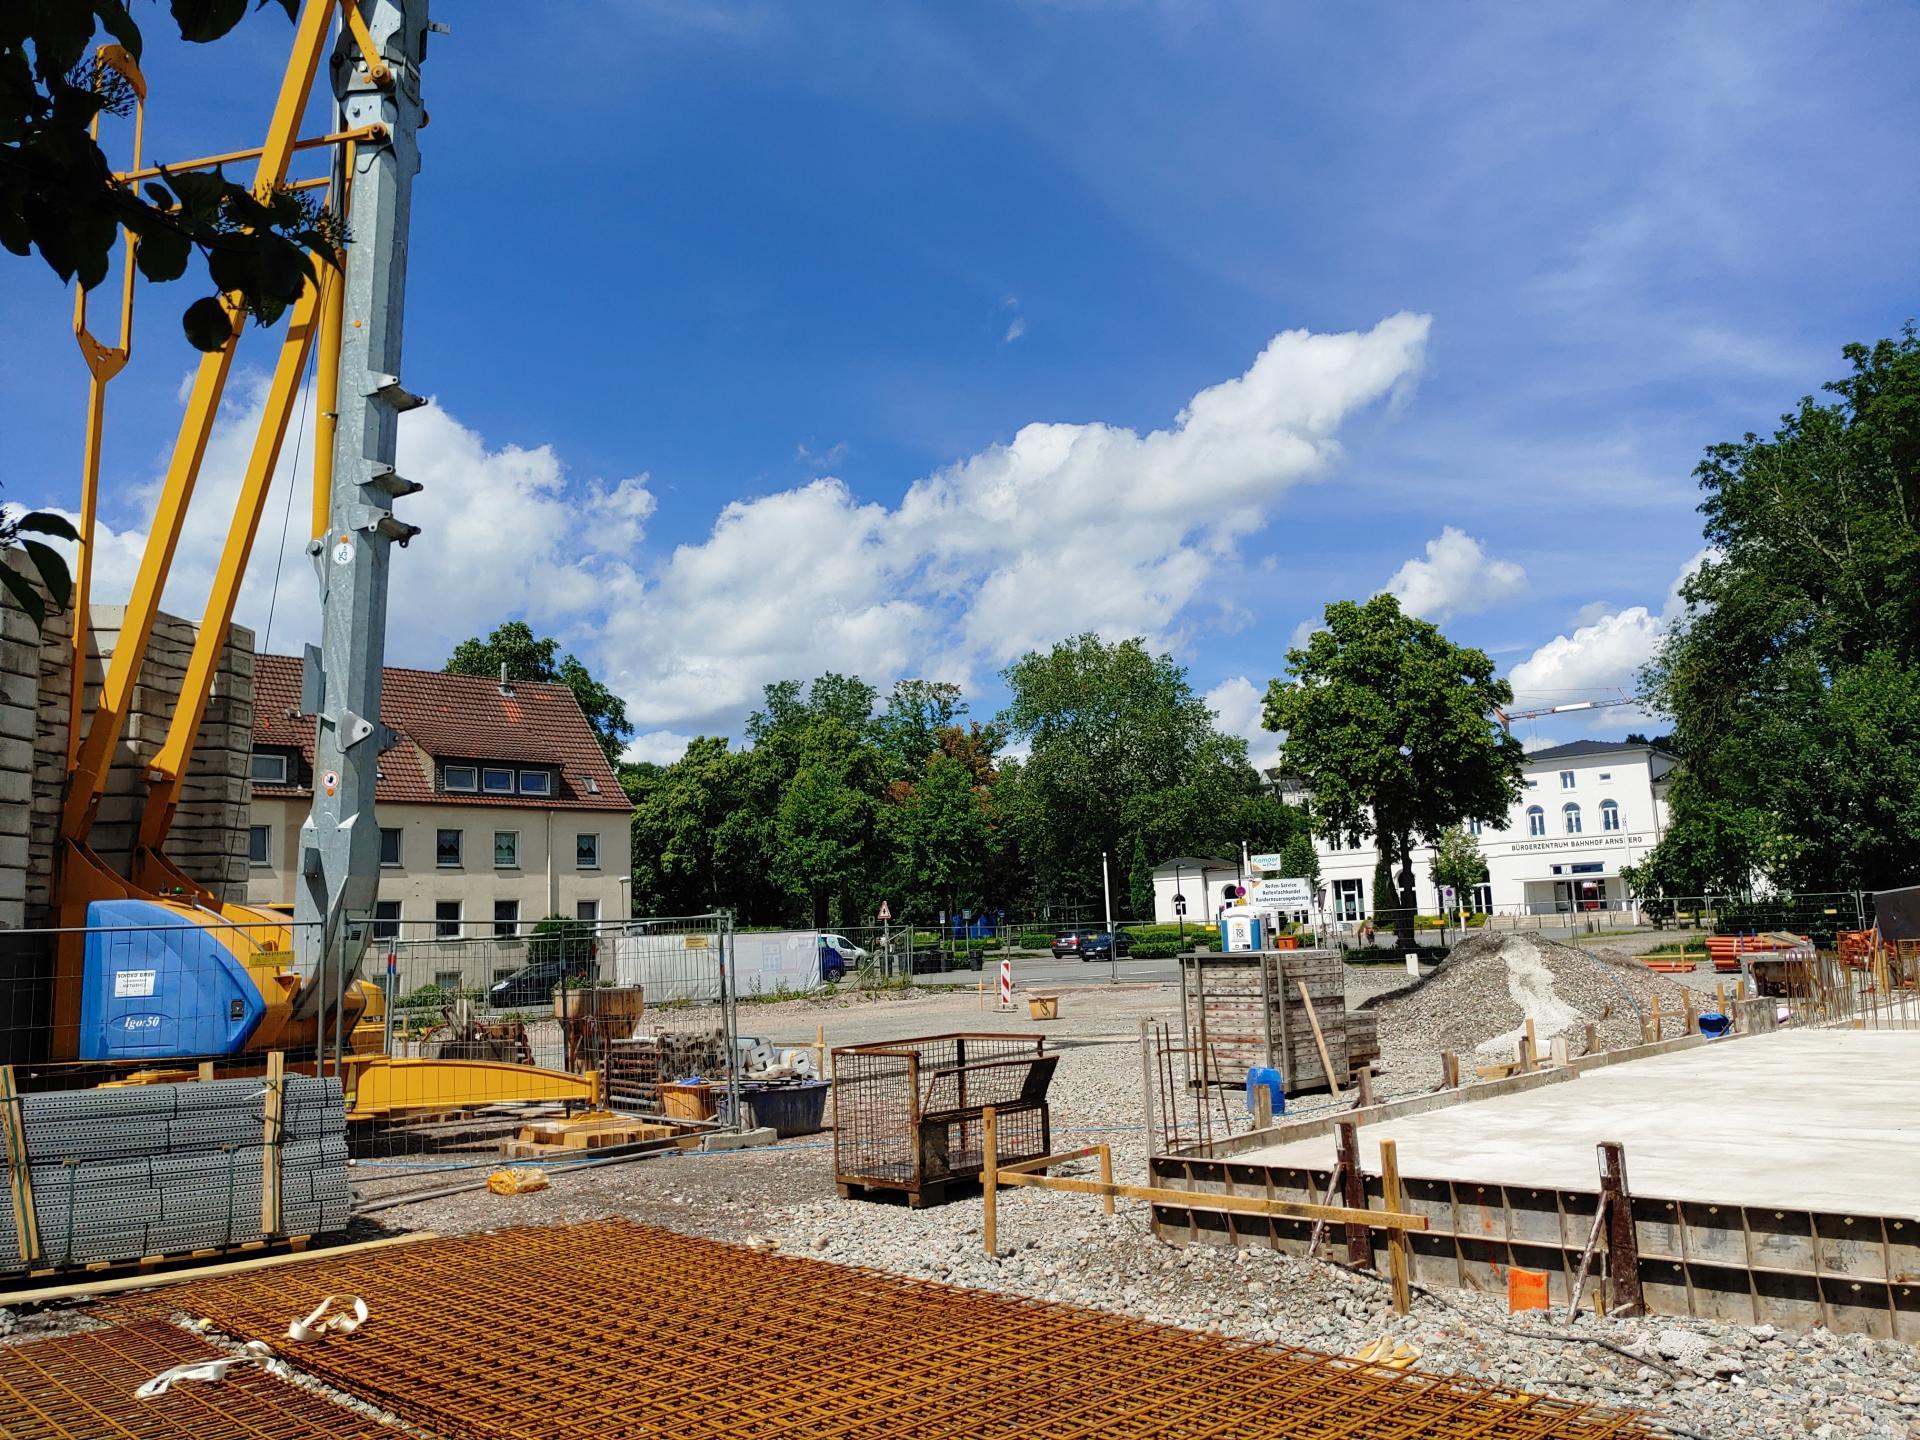 Grundstück nach erfolgter Gebäudeabsteckung